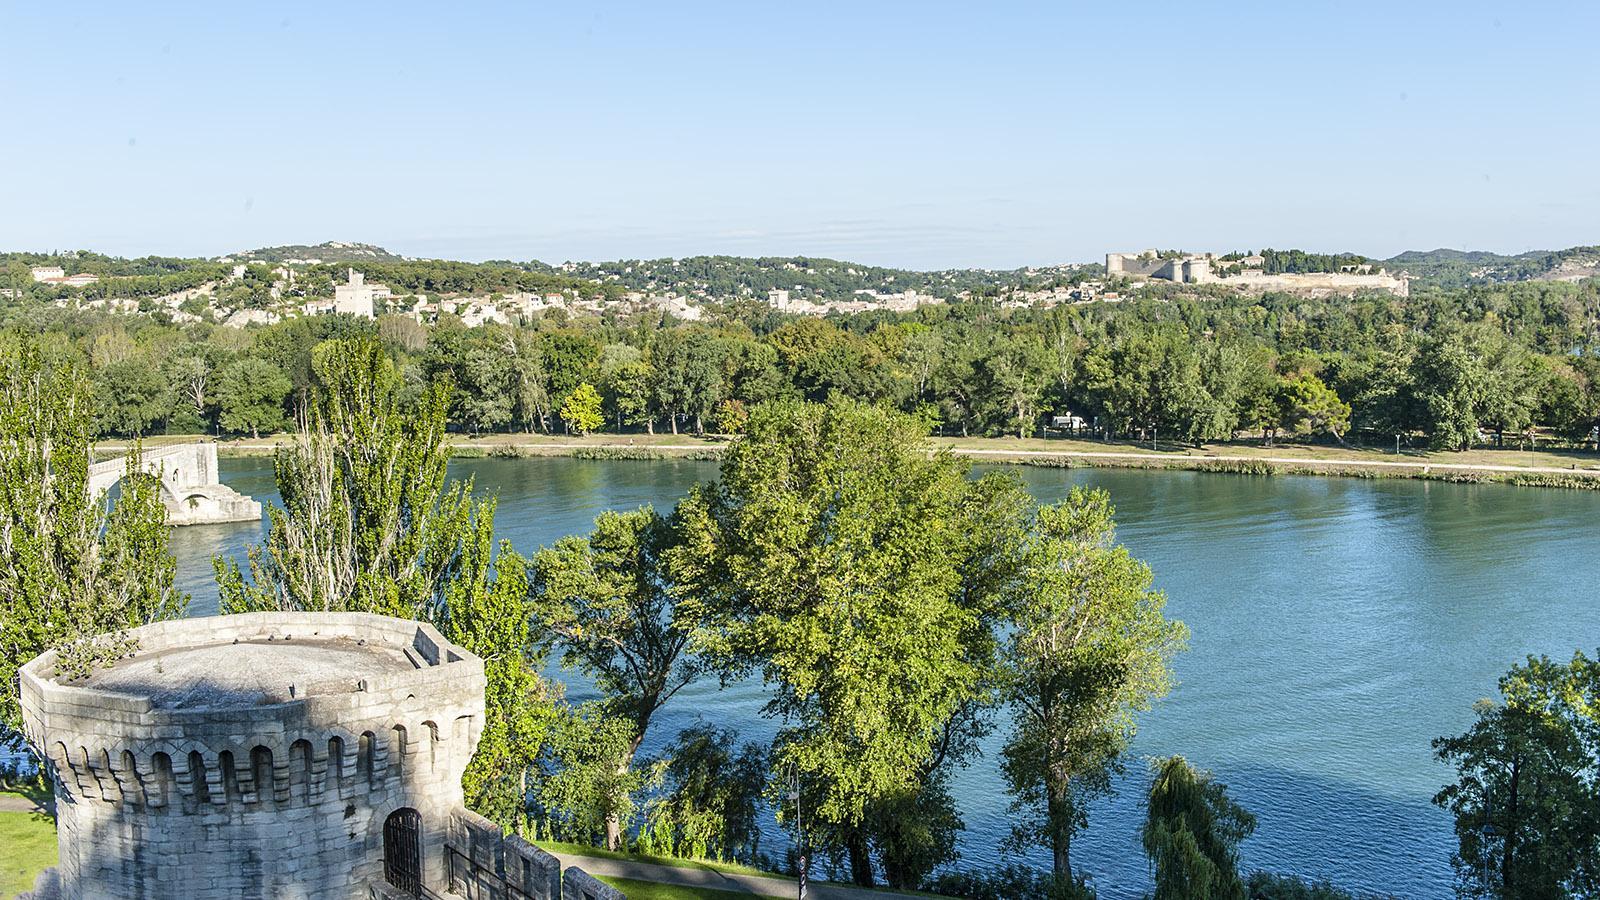 Flusskreuzfahrt in Frankreich: Die Rhône mit der berühmten Brücke von Avignon. Foto: Hilke Maunder